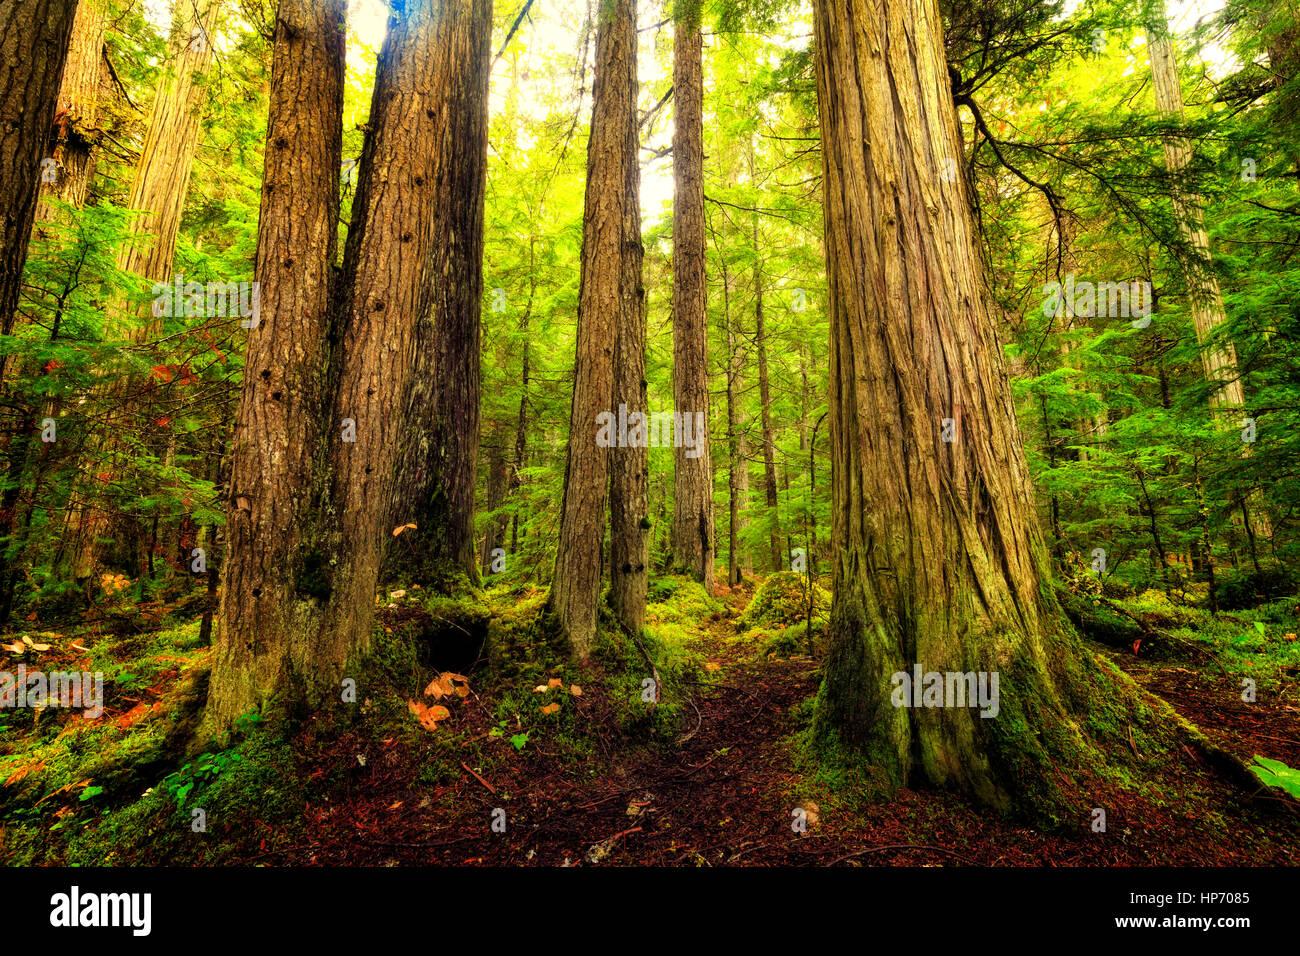 Canadese di crescita vecchia foresta pluviale, Mt Robson National Park, British Columbia, Canada Immagini Stock